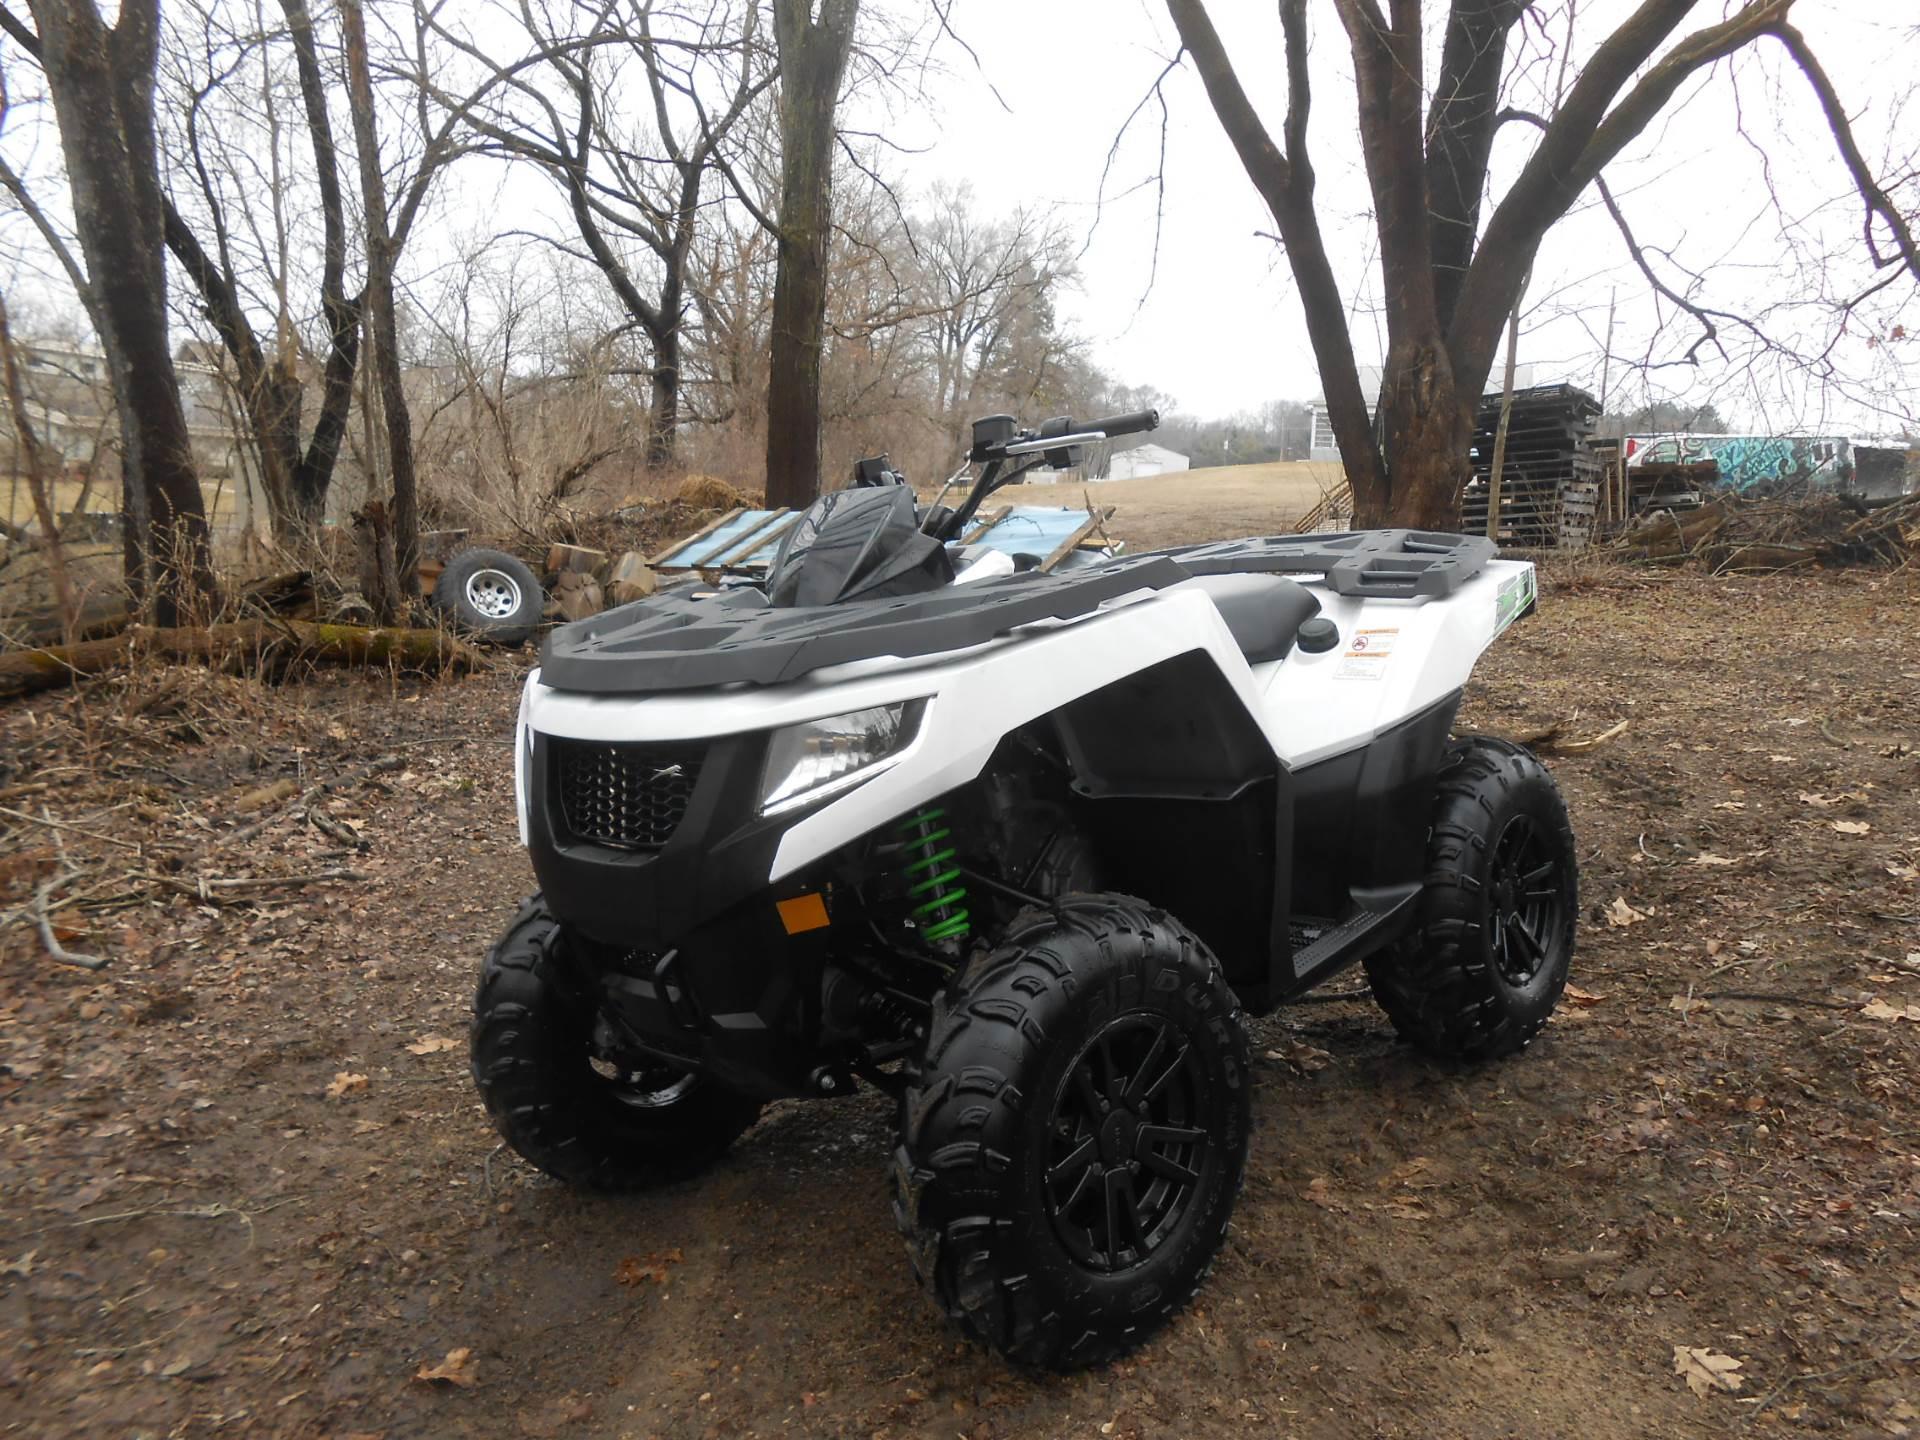 2016 Alterra 500 XT